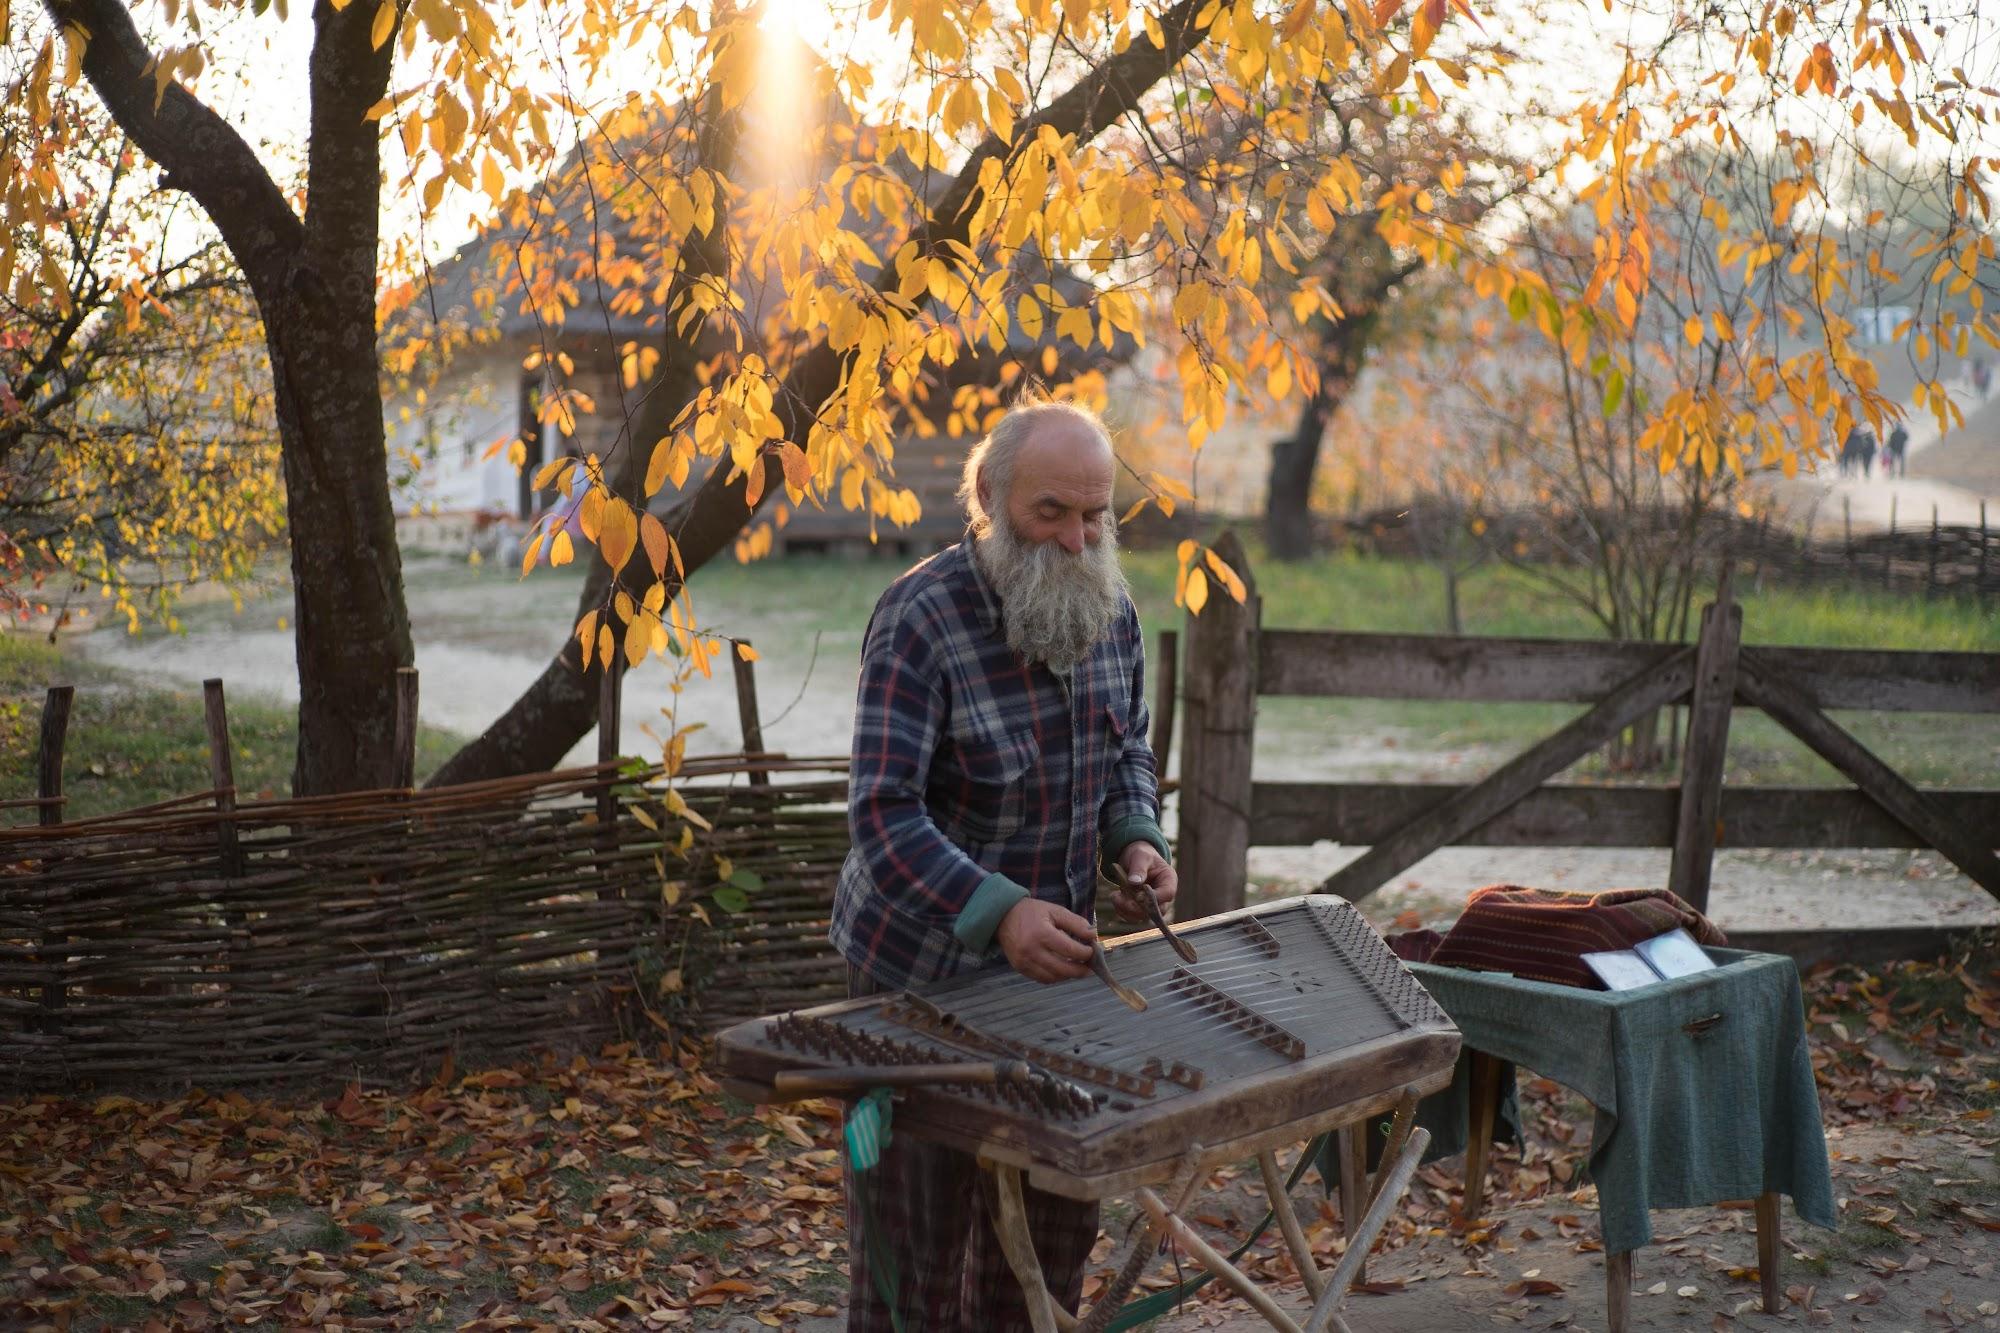 Музикант грає на цимбалах в Пирогово